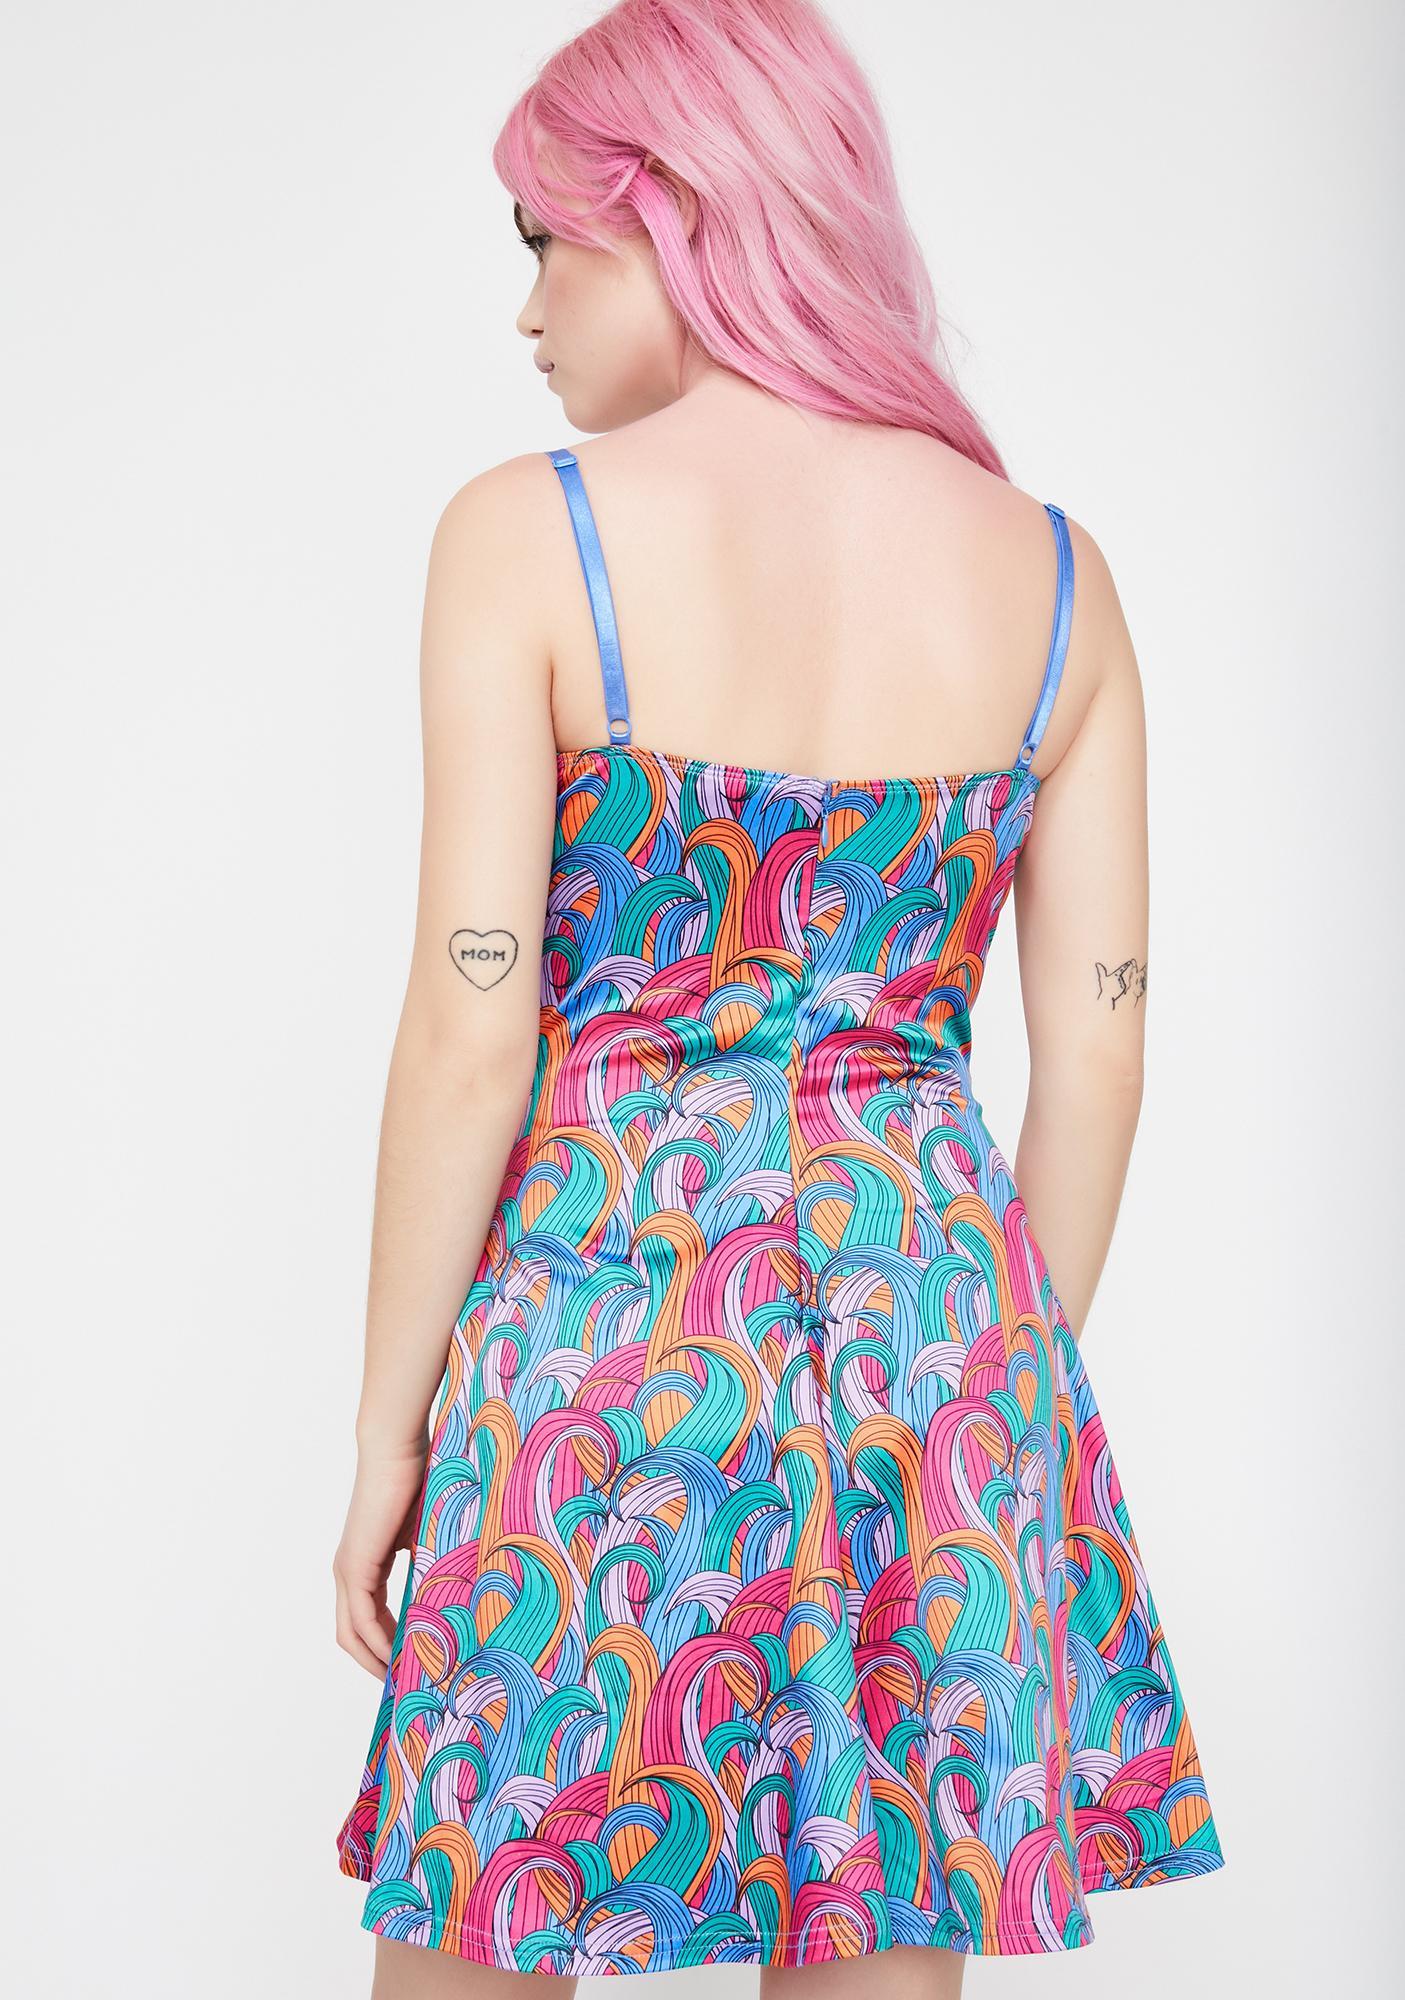 Good Luck Trolls x Dolls Kill Troll Rainbow Swirl Dress